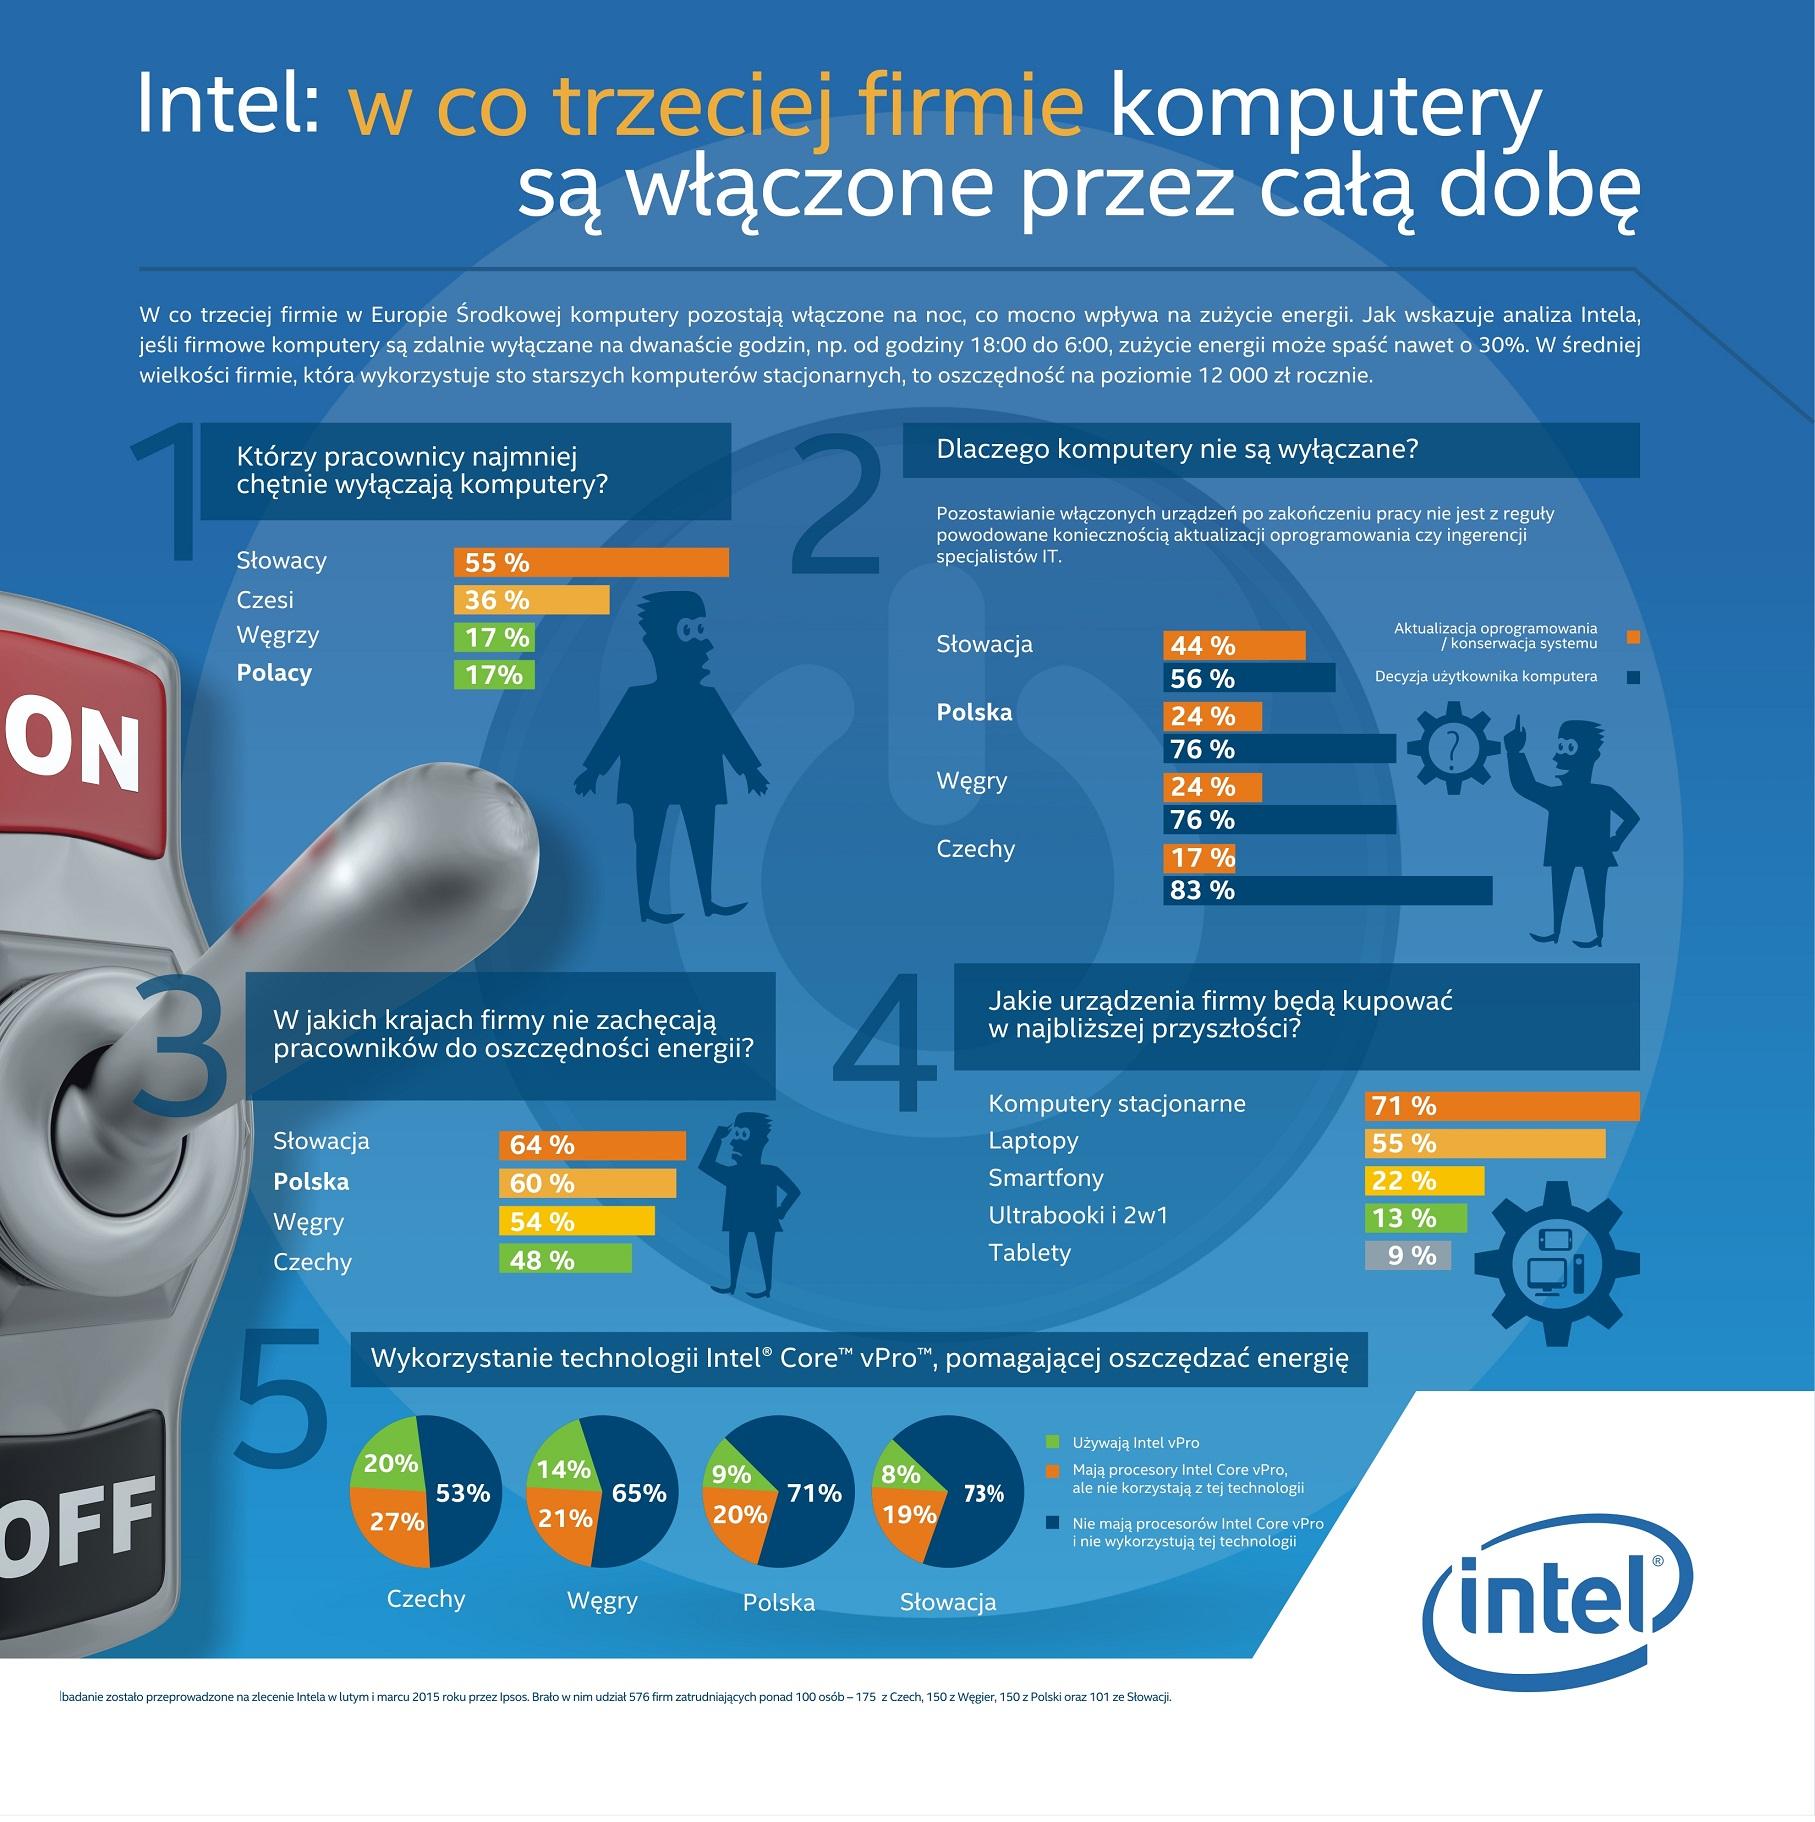 Intel - w co trzeciej firmie komputery są włączone całą dobę